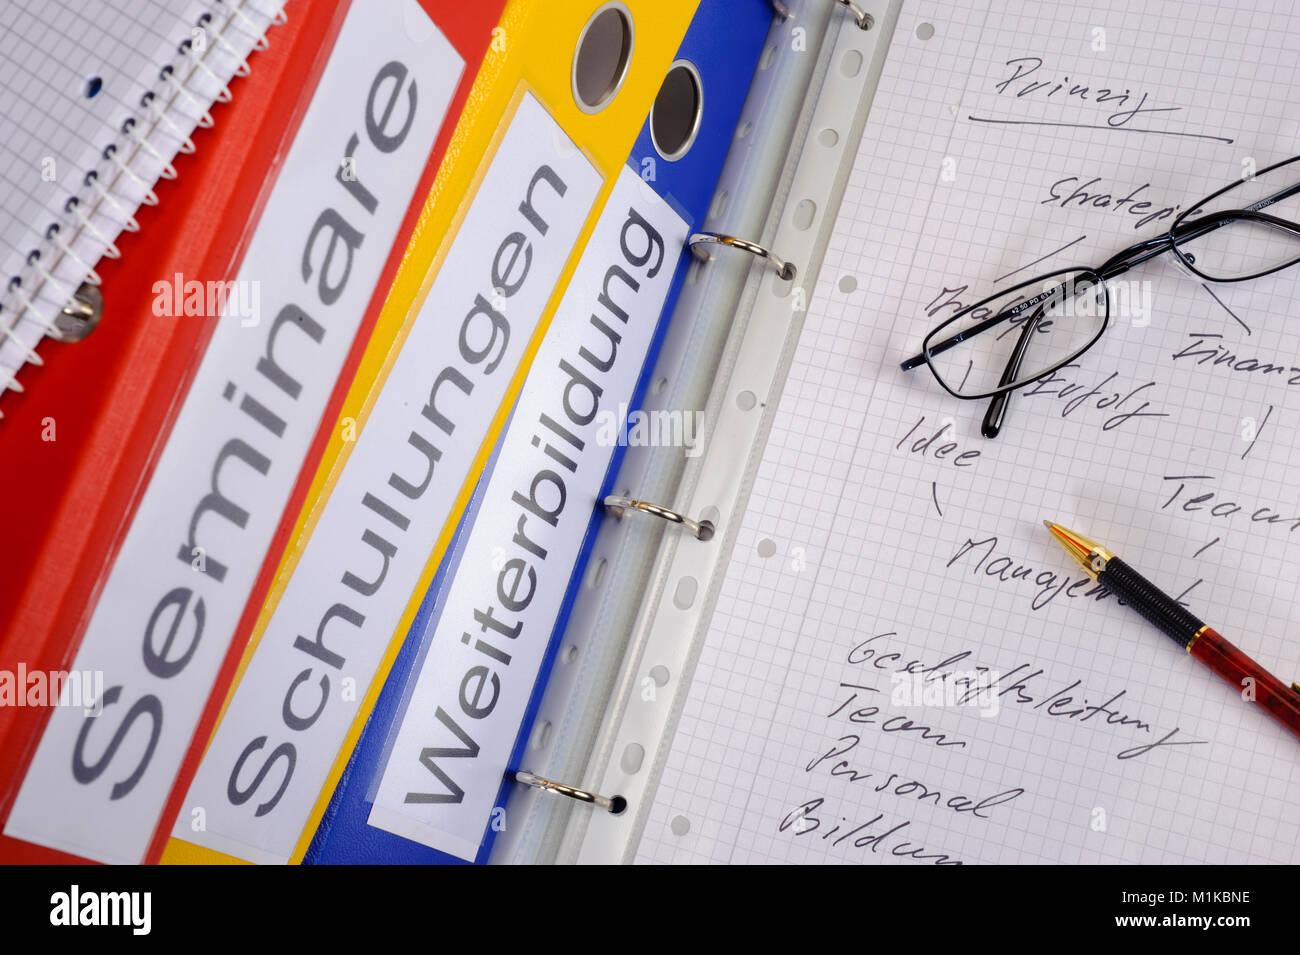 Stapel mit Aktenordner, markiert mit Seminare, Schulungen und Weiterbildung - Stock Image